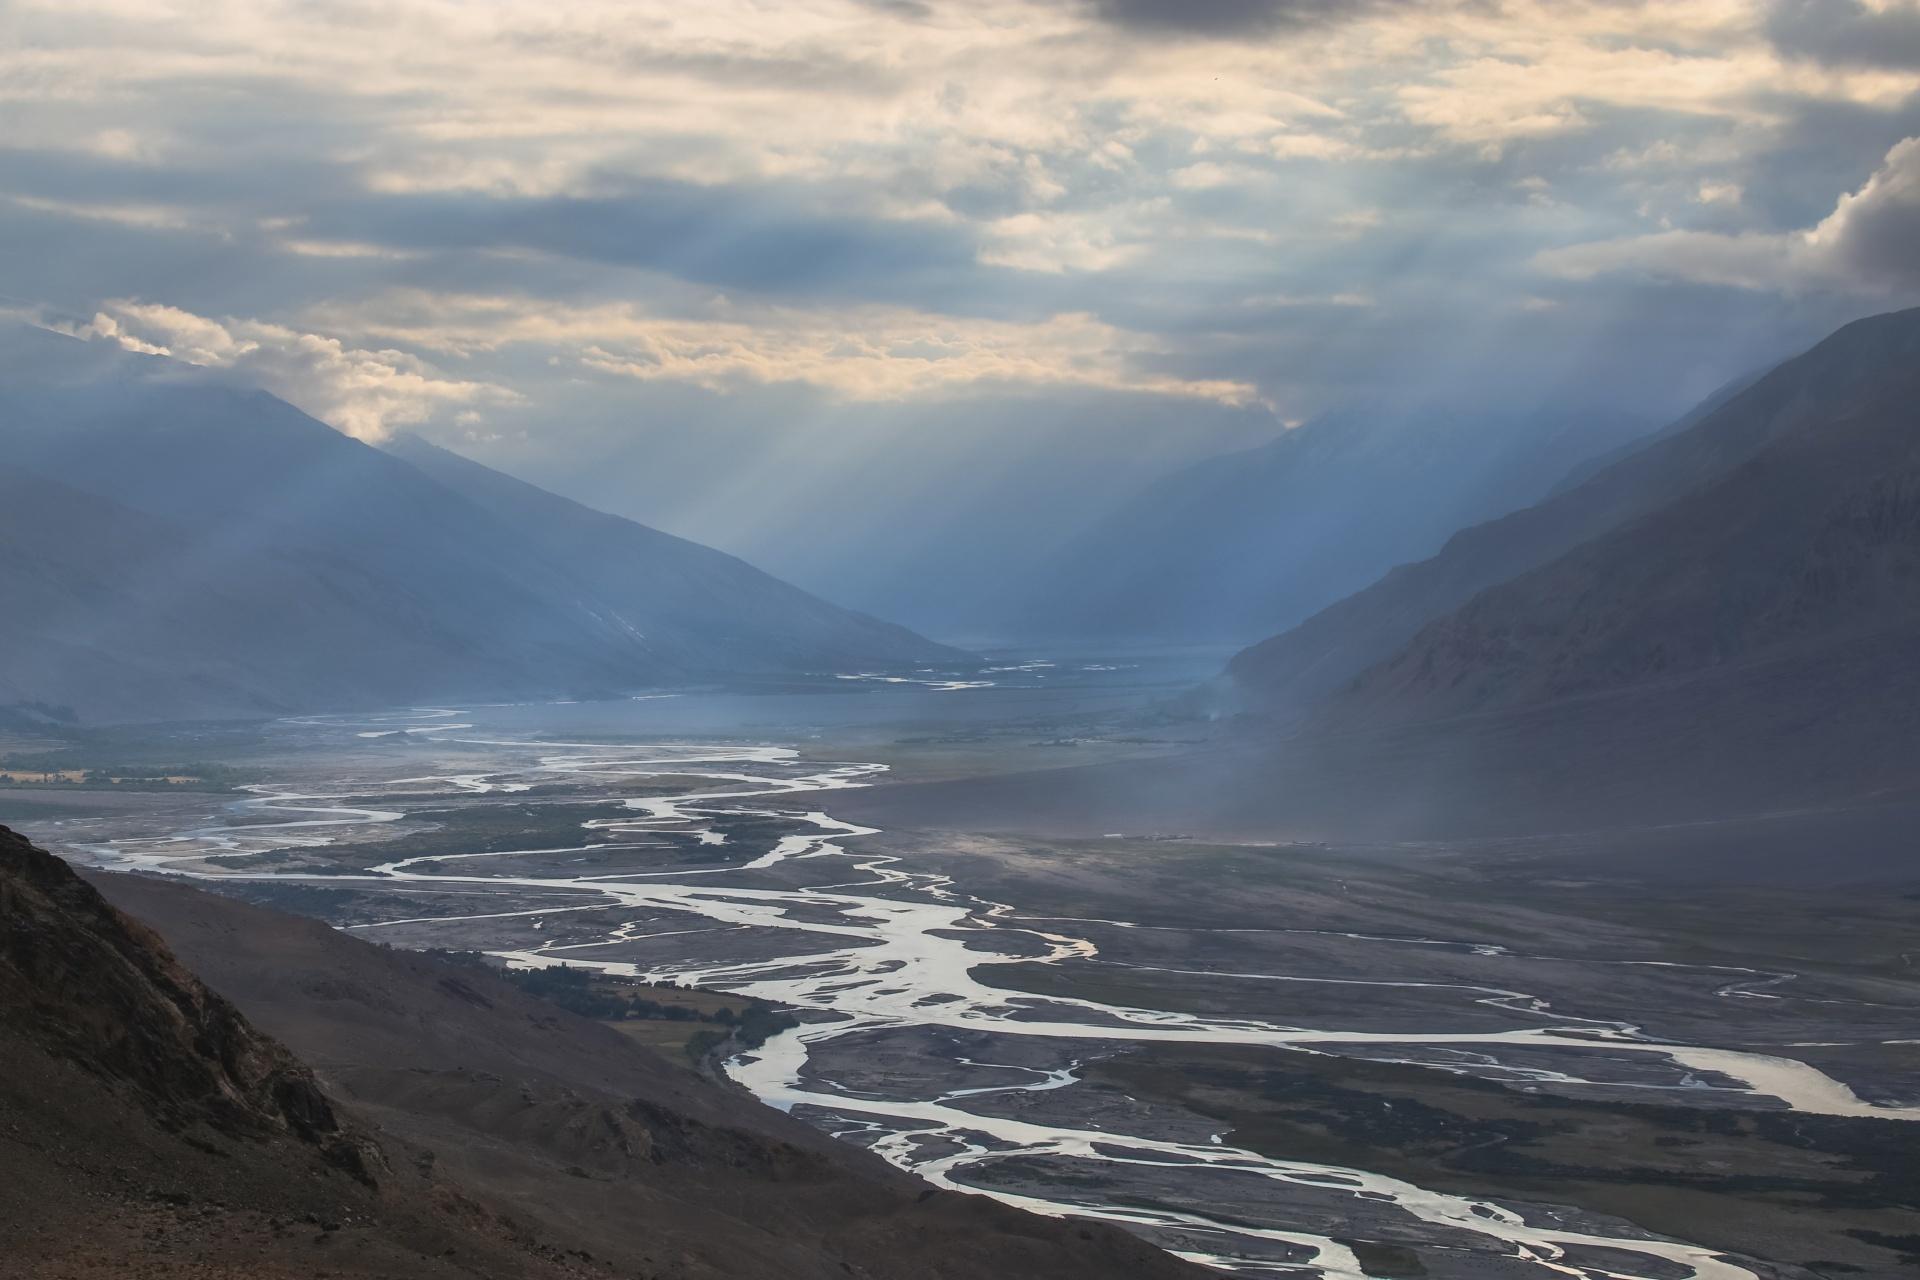 朝のパンジ川の渓谷の風景 タジキスタンの風景